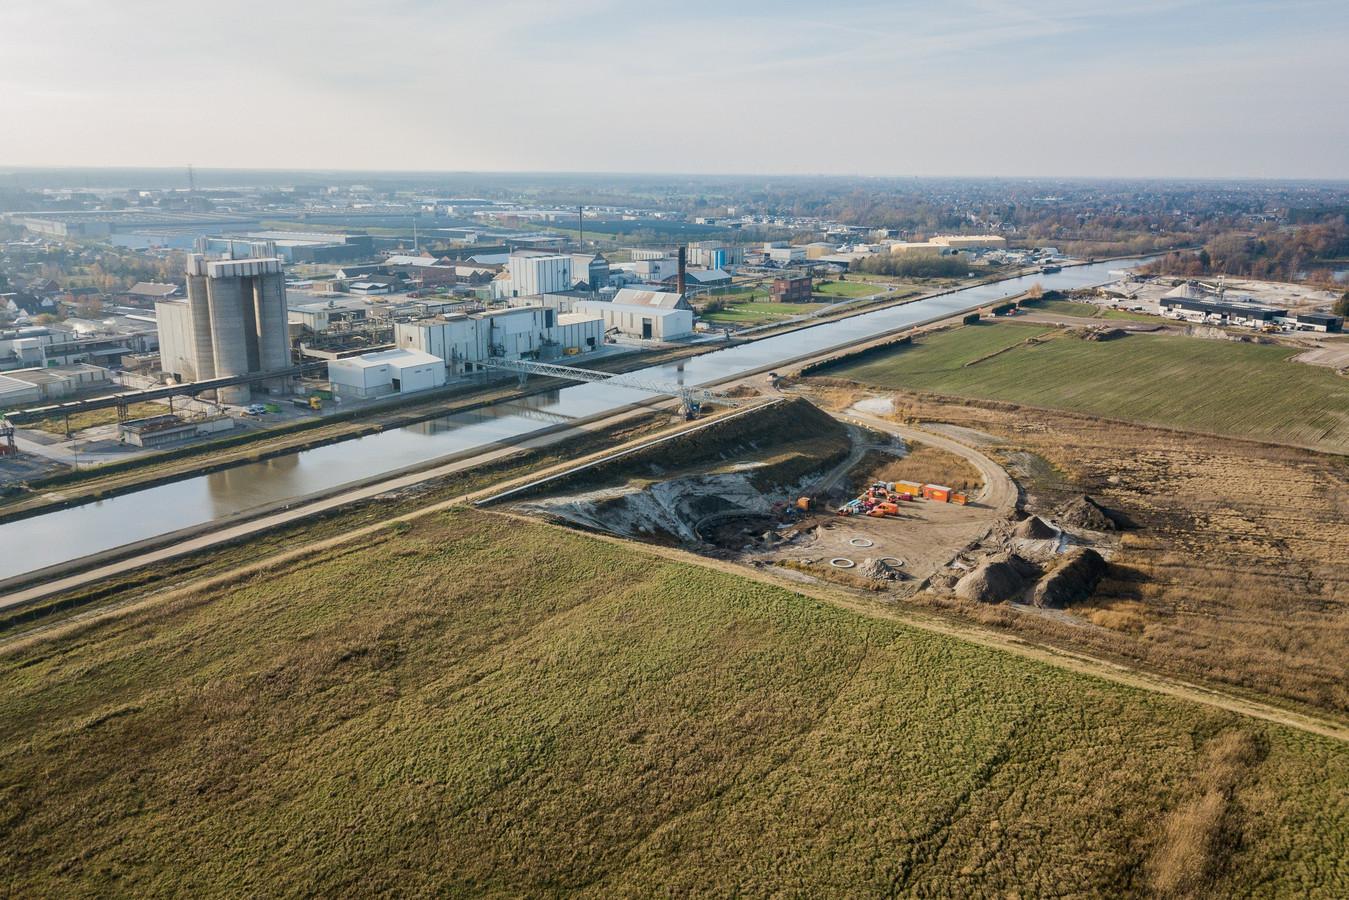 De bouw van de windturbines aan het kanaal